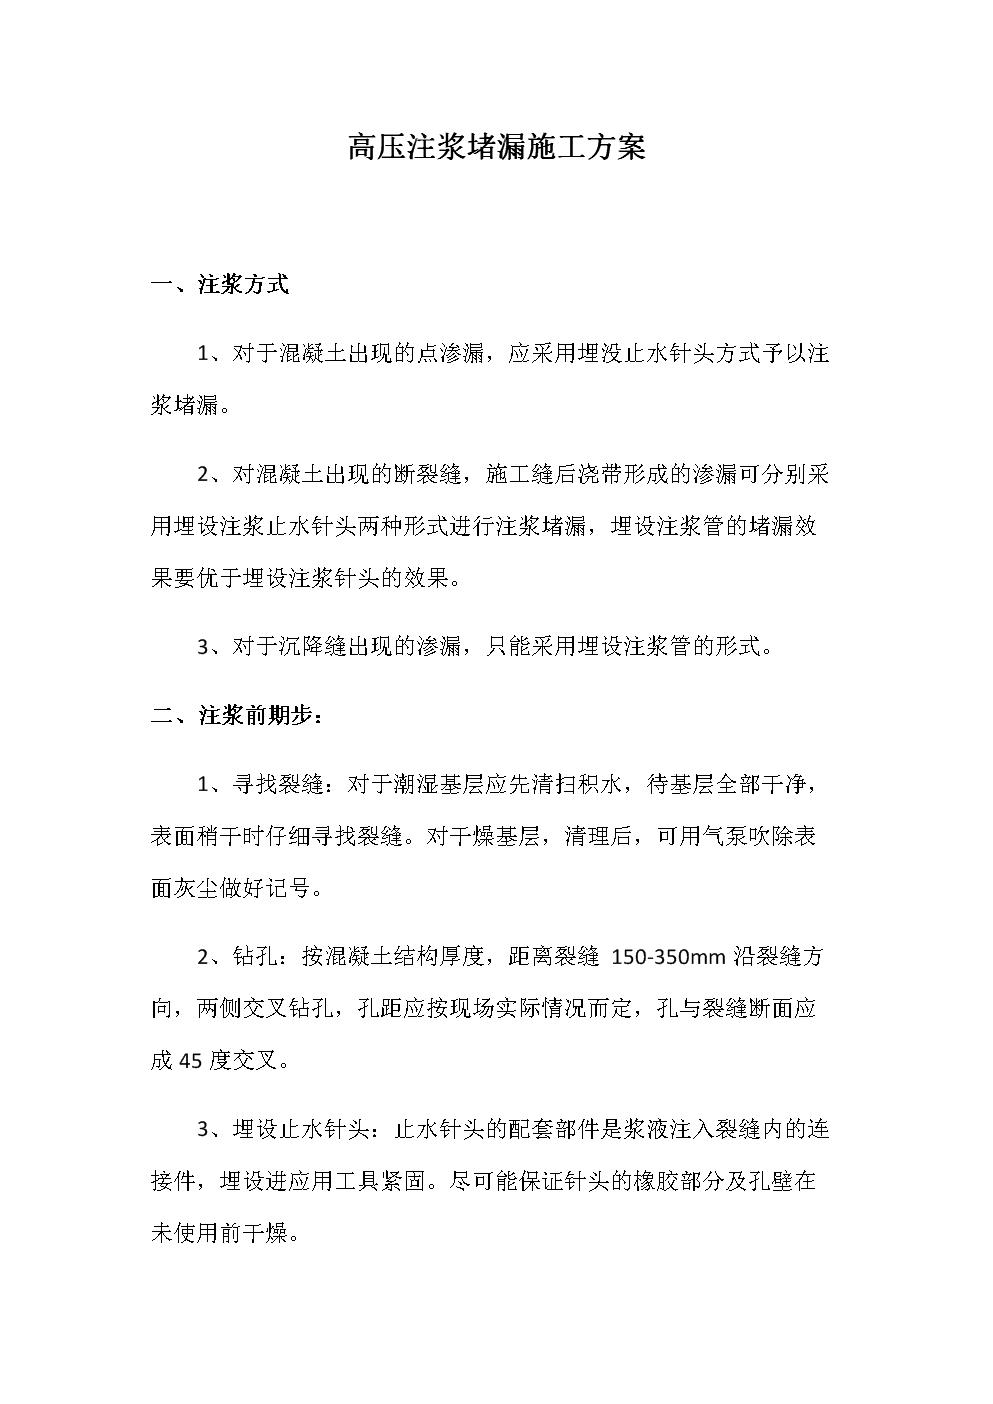 高压注浆堵漏施工方案.doc